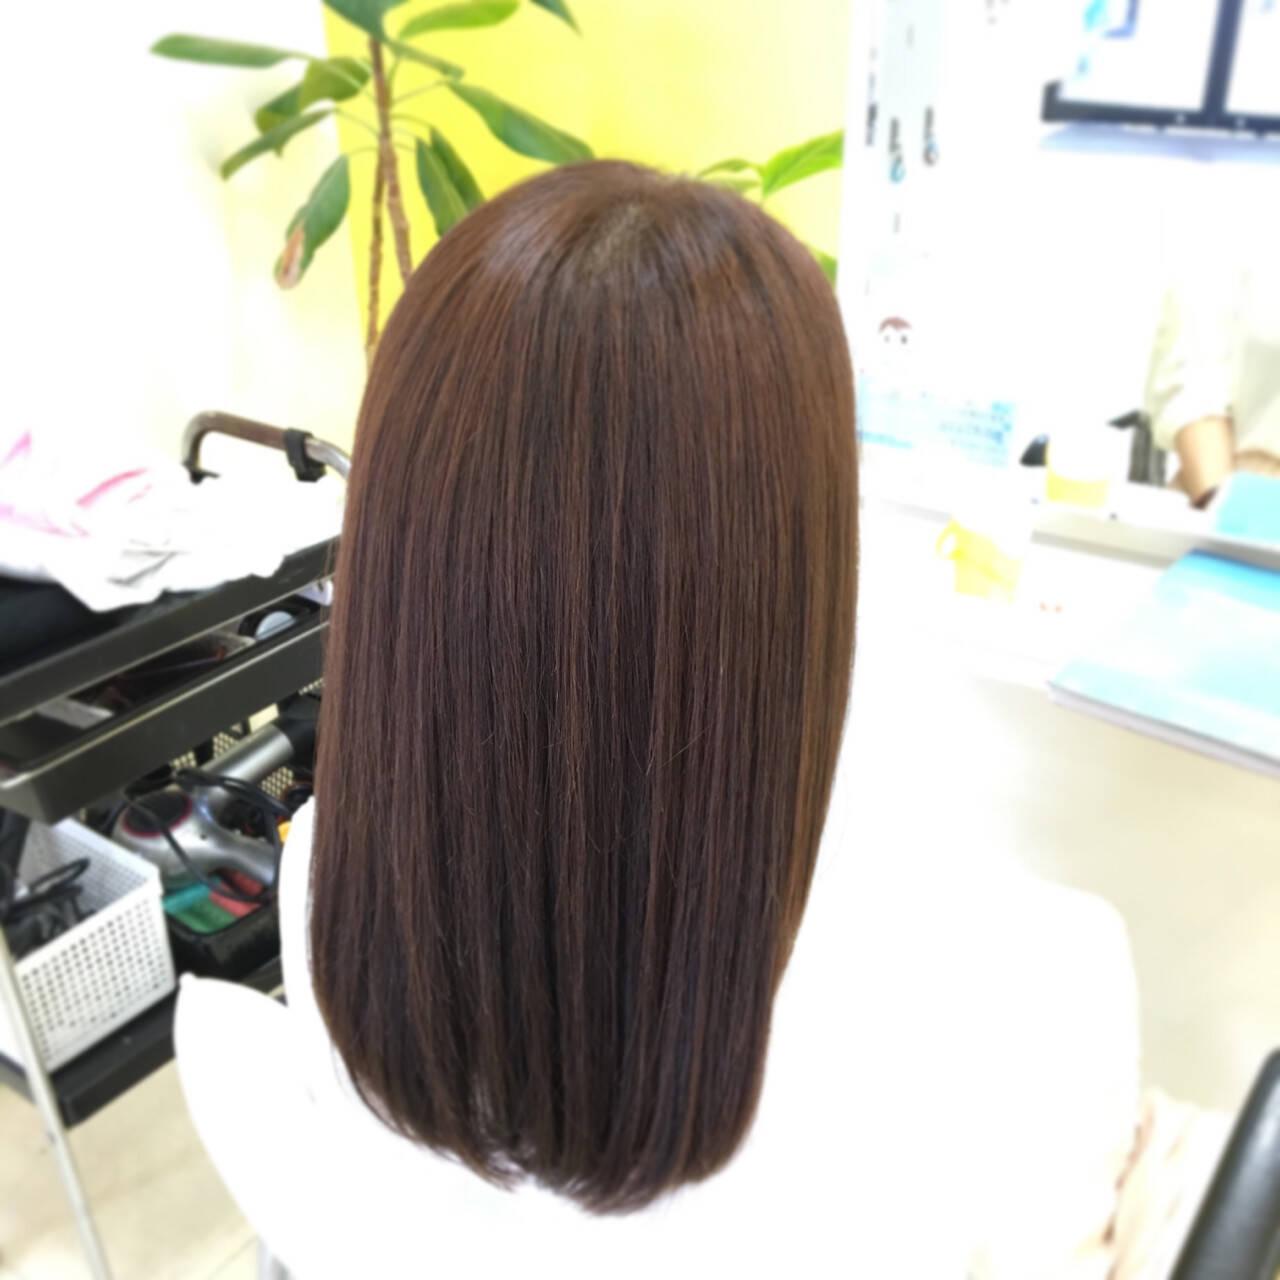 ナチュラル ストレート セミロング 縮毛矯正ヘアスタイルや髪型の写真・画像